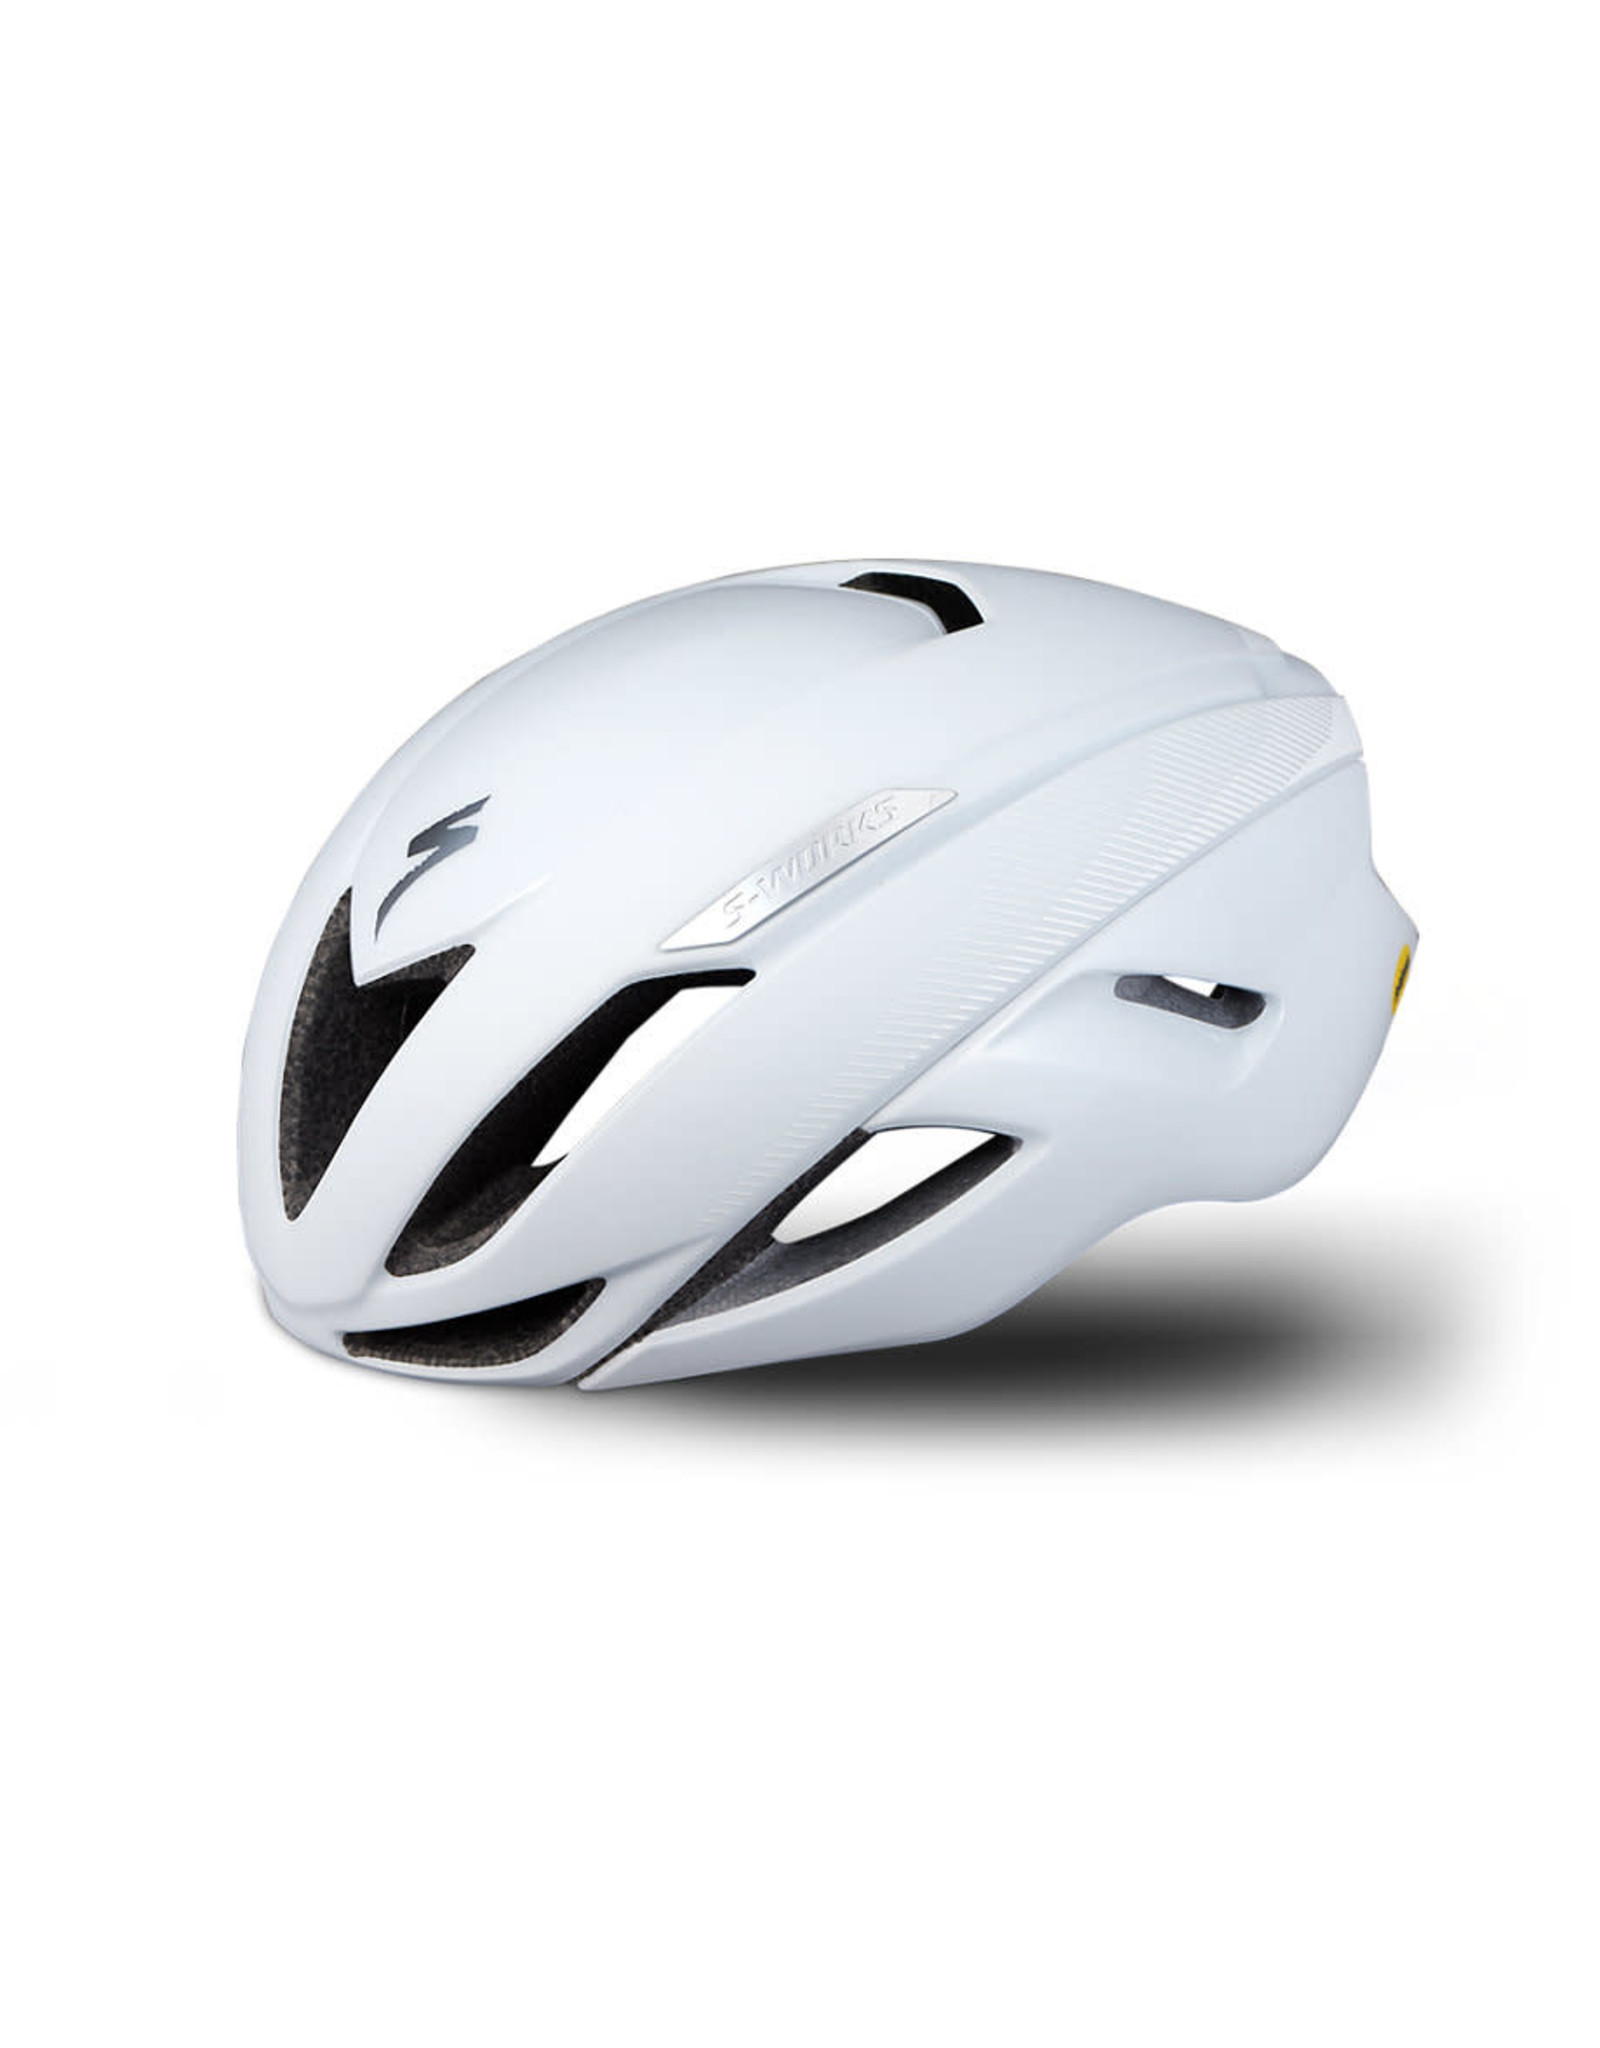 Specialized '20 SPECIALIZED, Evade II ANGi, Helmet.